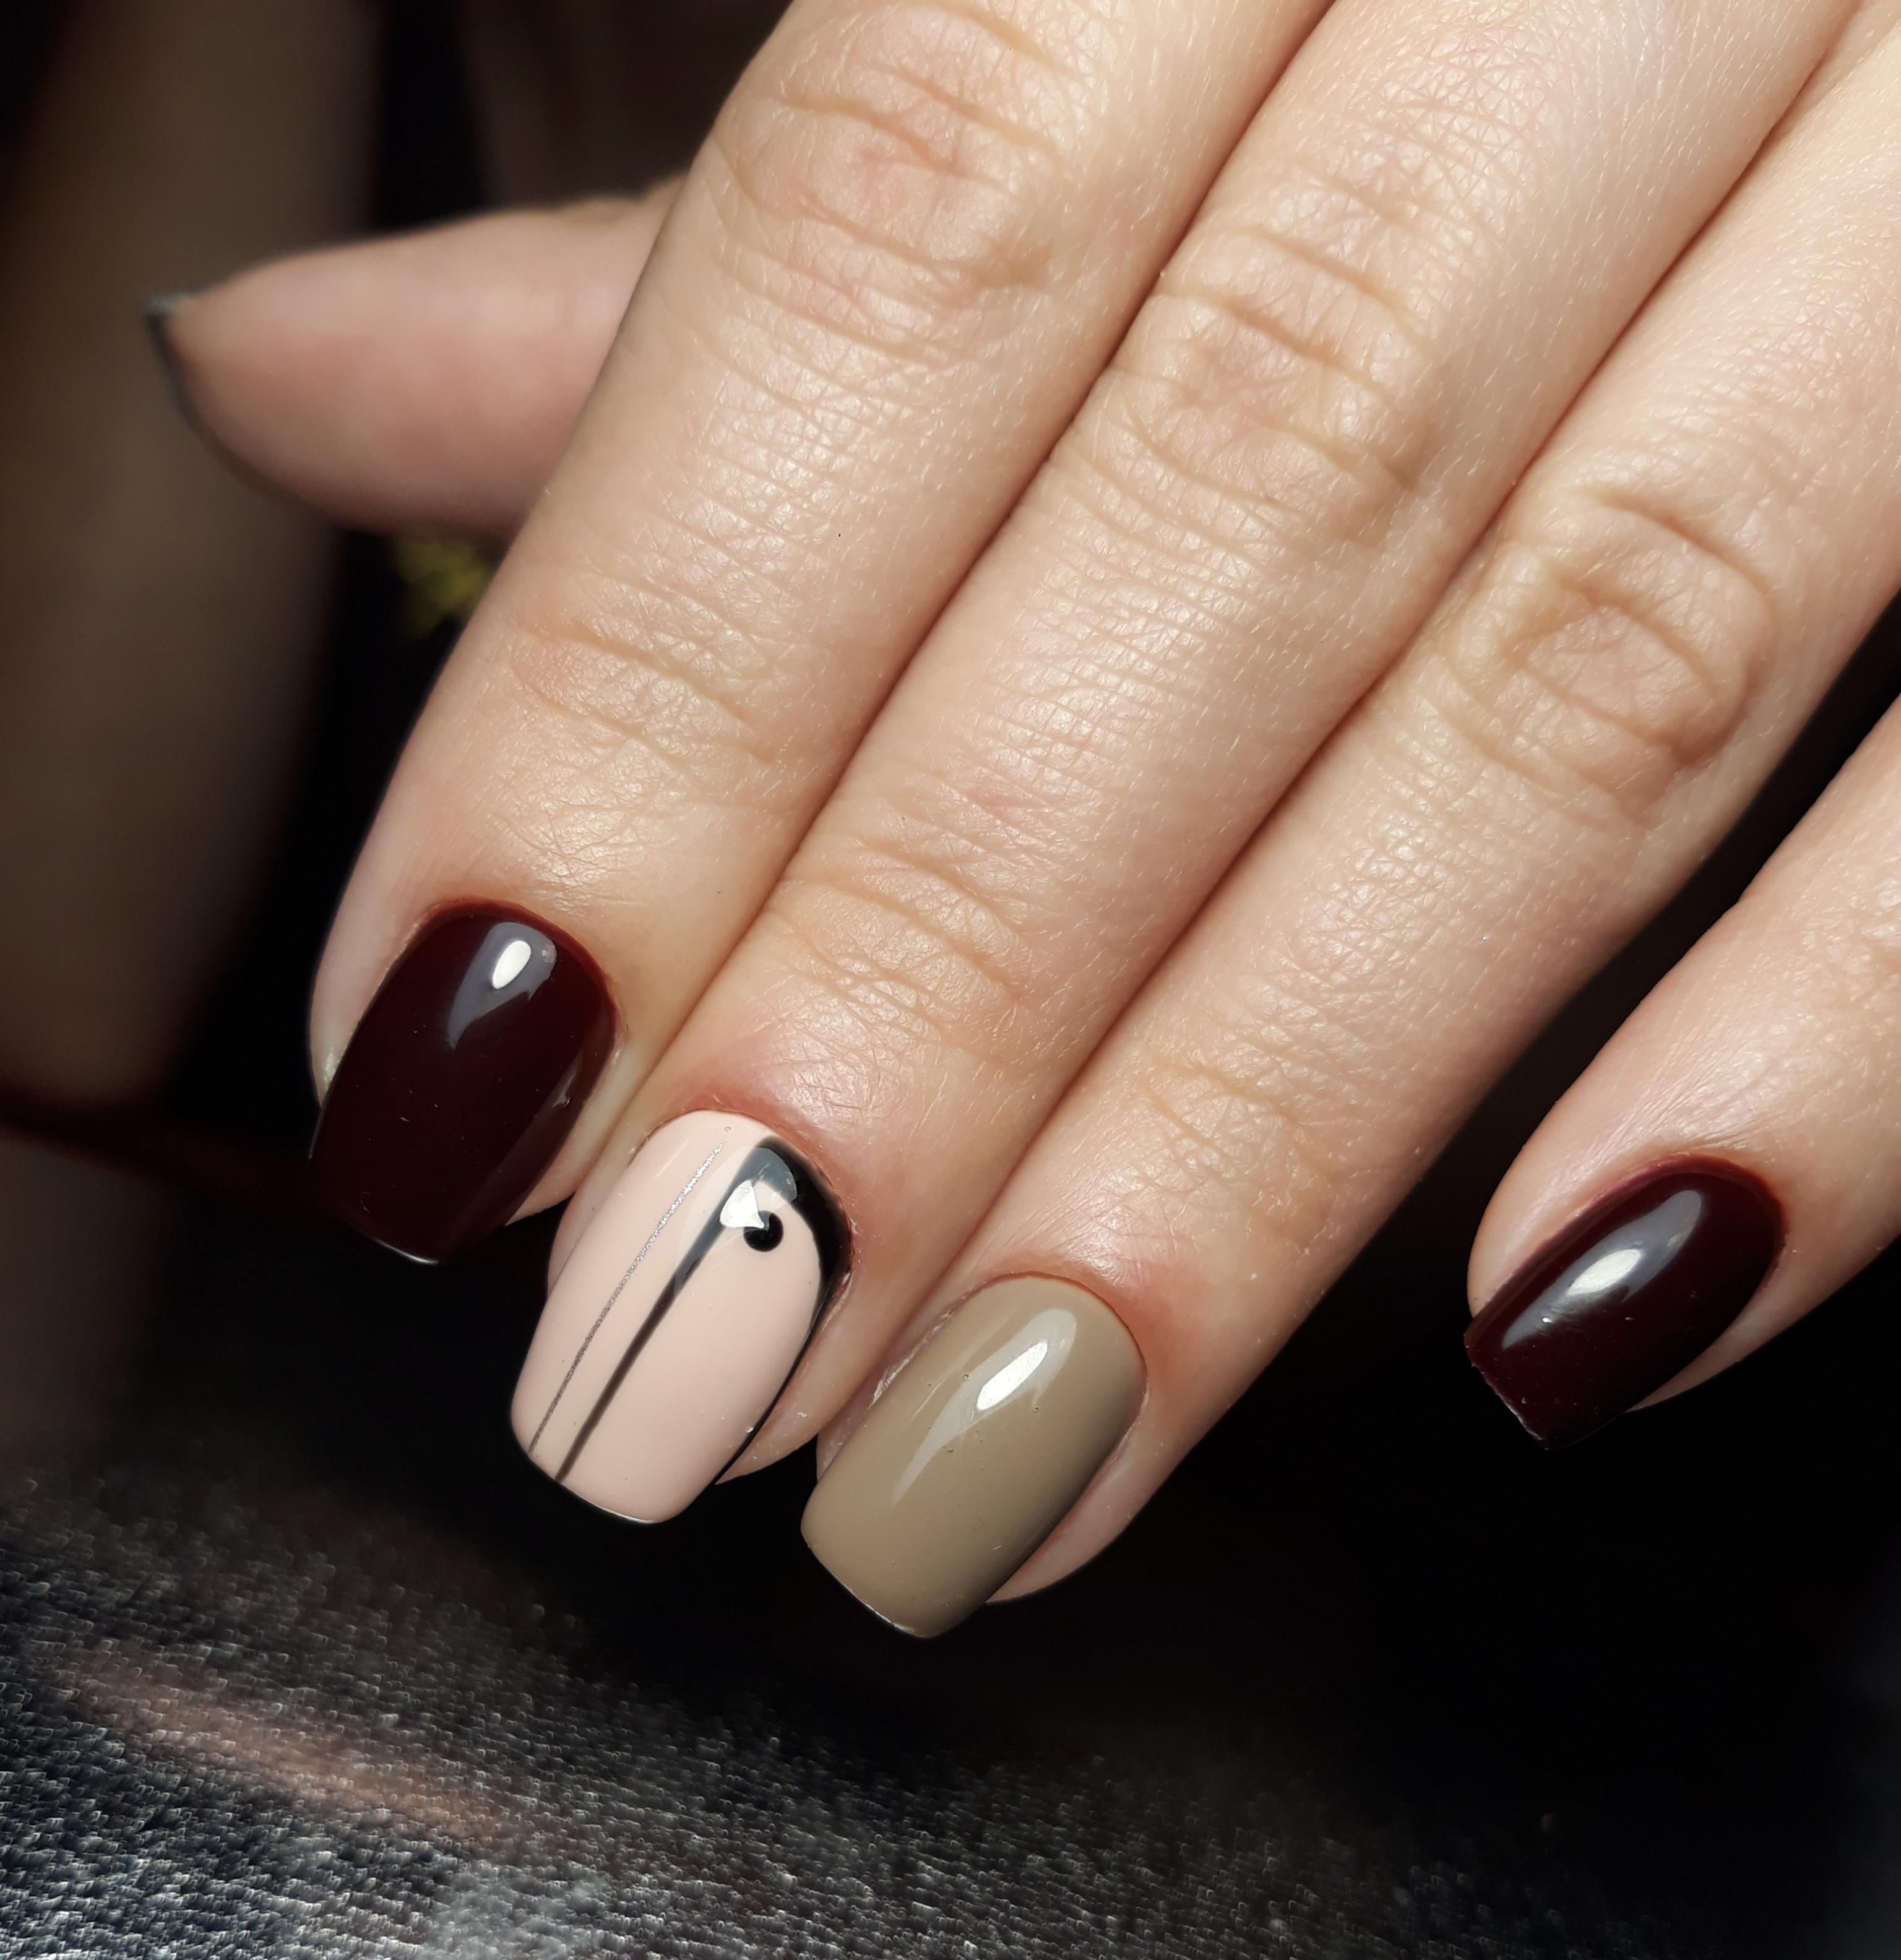 Маникюр с геометрическим рисунком в шоколадном цвете на короткие ногти.